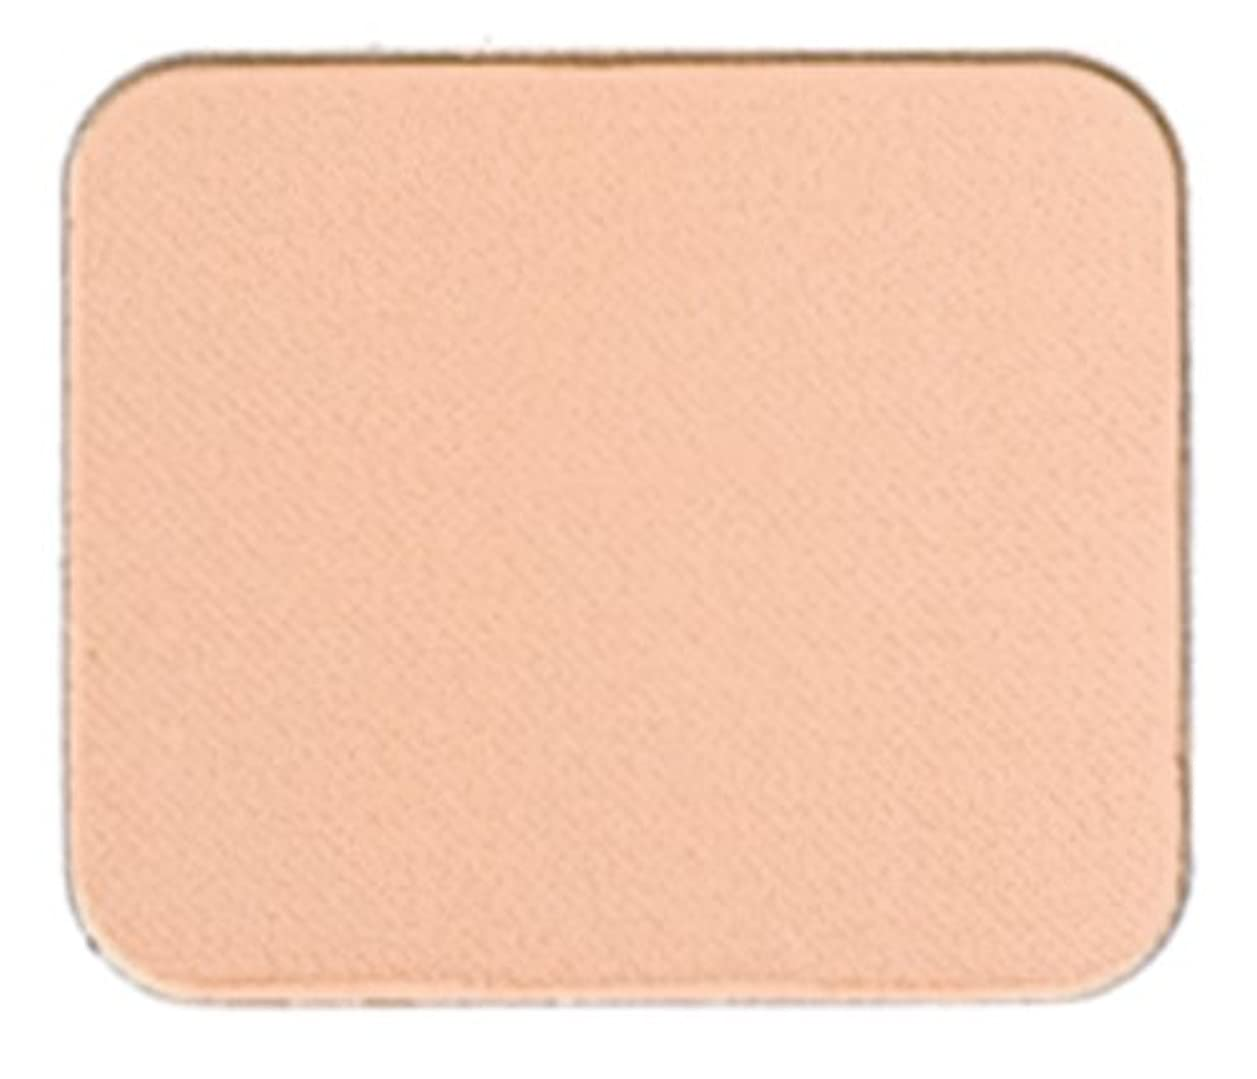 愛国的な文庫本神のドクターシーラボ BBパーフェクト ファンデーション WHITE377プラス レフィル ナチュラル2 (平均的な肌色) 12g SPF25 PA++